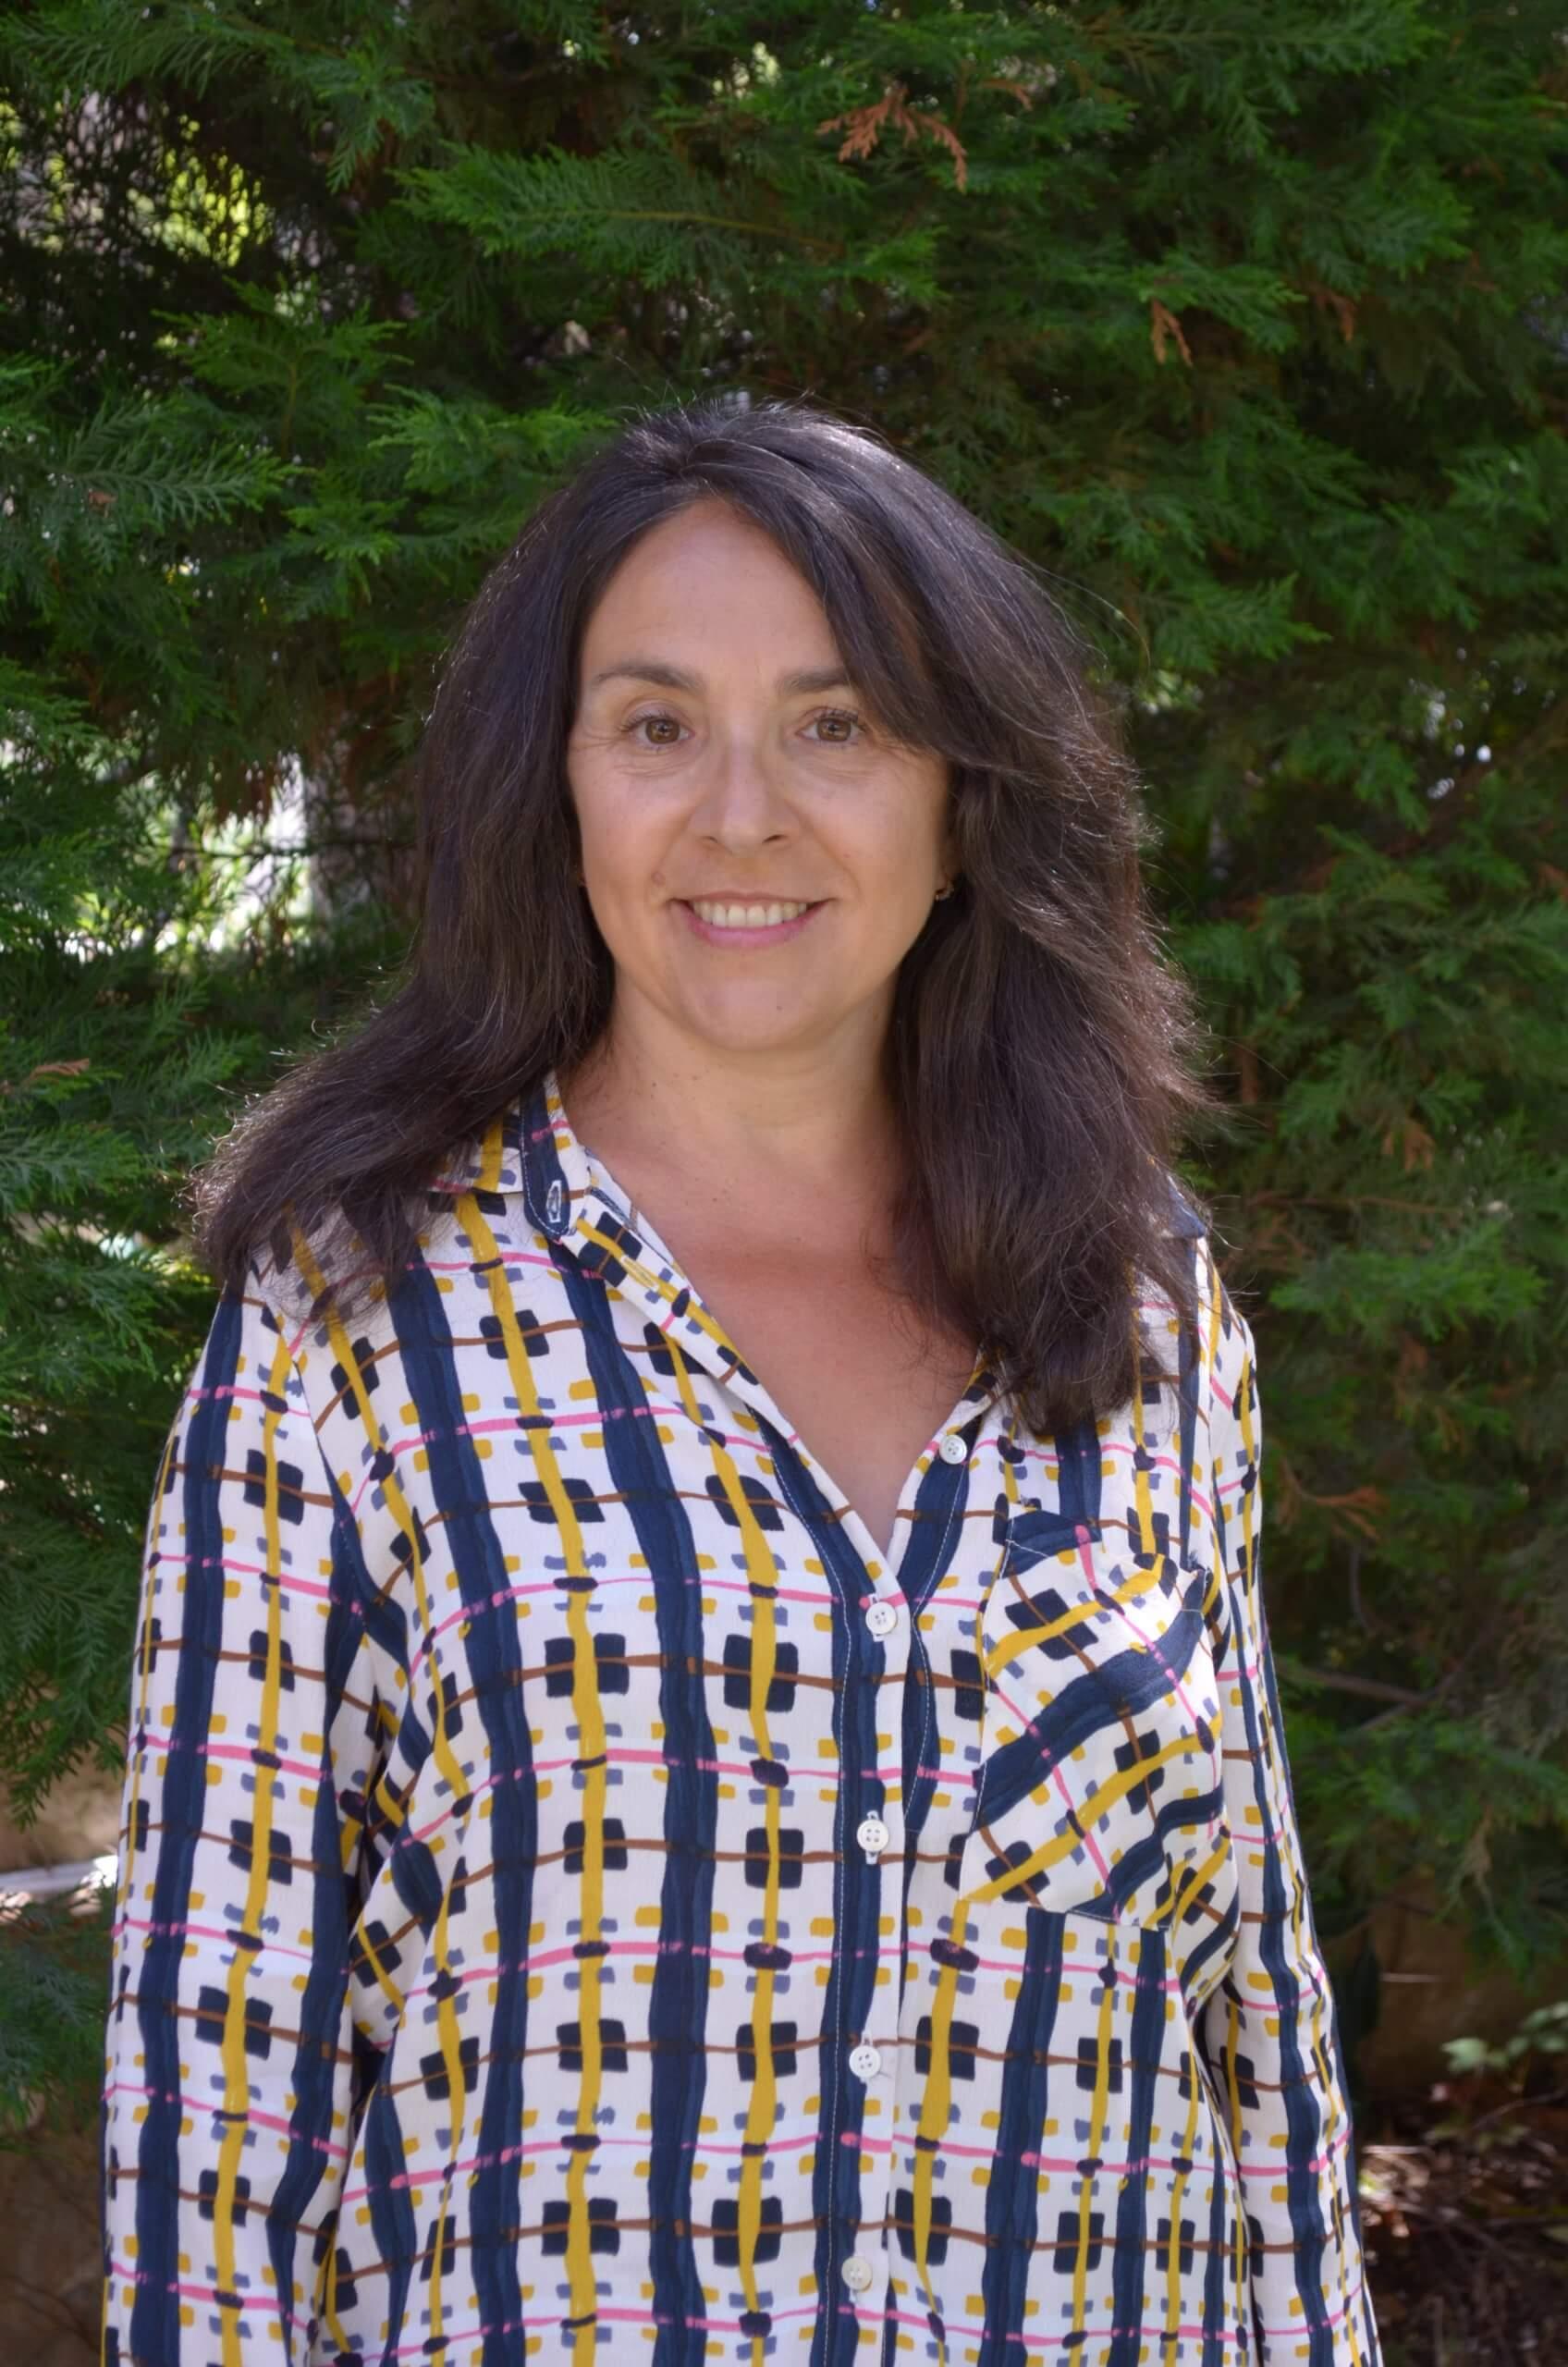 Visuel Carmen Avila  «On ne peut pas faire société lorsqu'elle celle-ci est inégalitaire. «